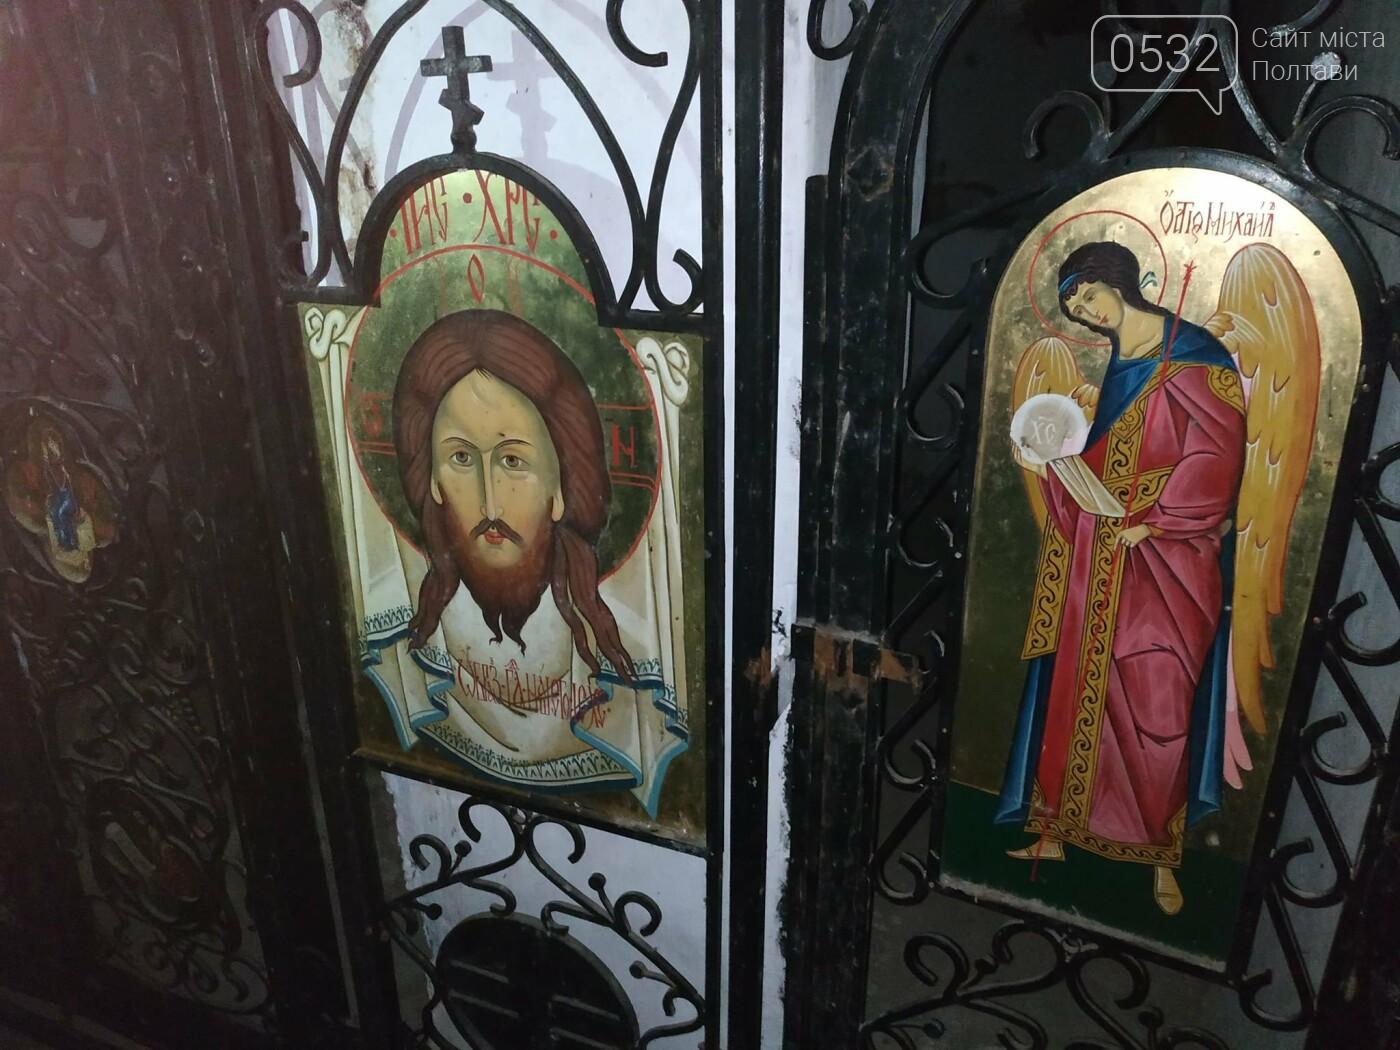 Подорож вихідного дня: вирушаємо до святинь на Сумщині, фото-21